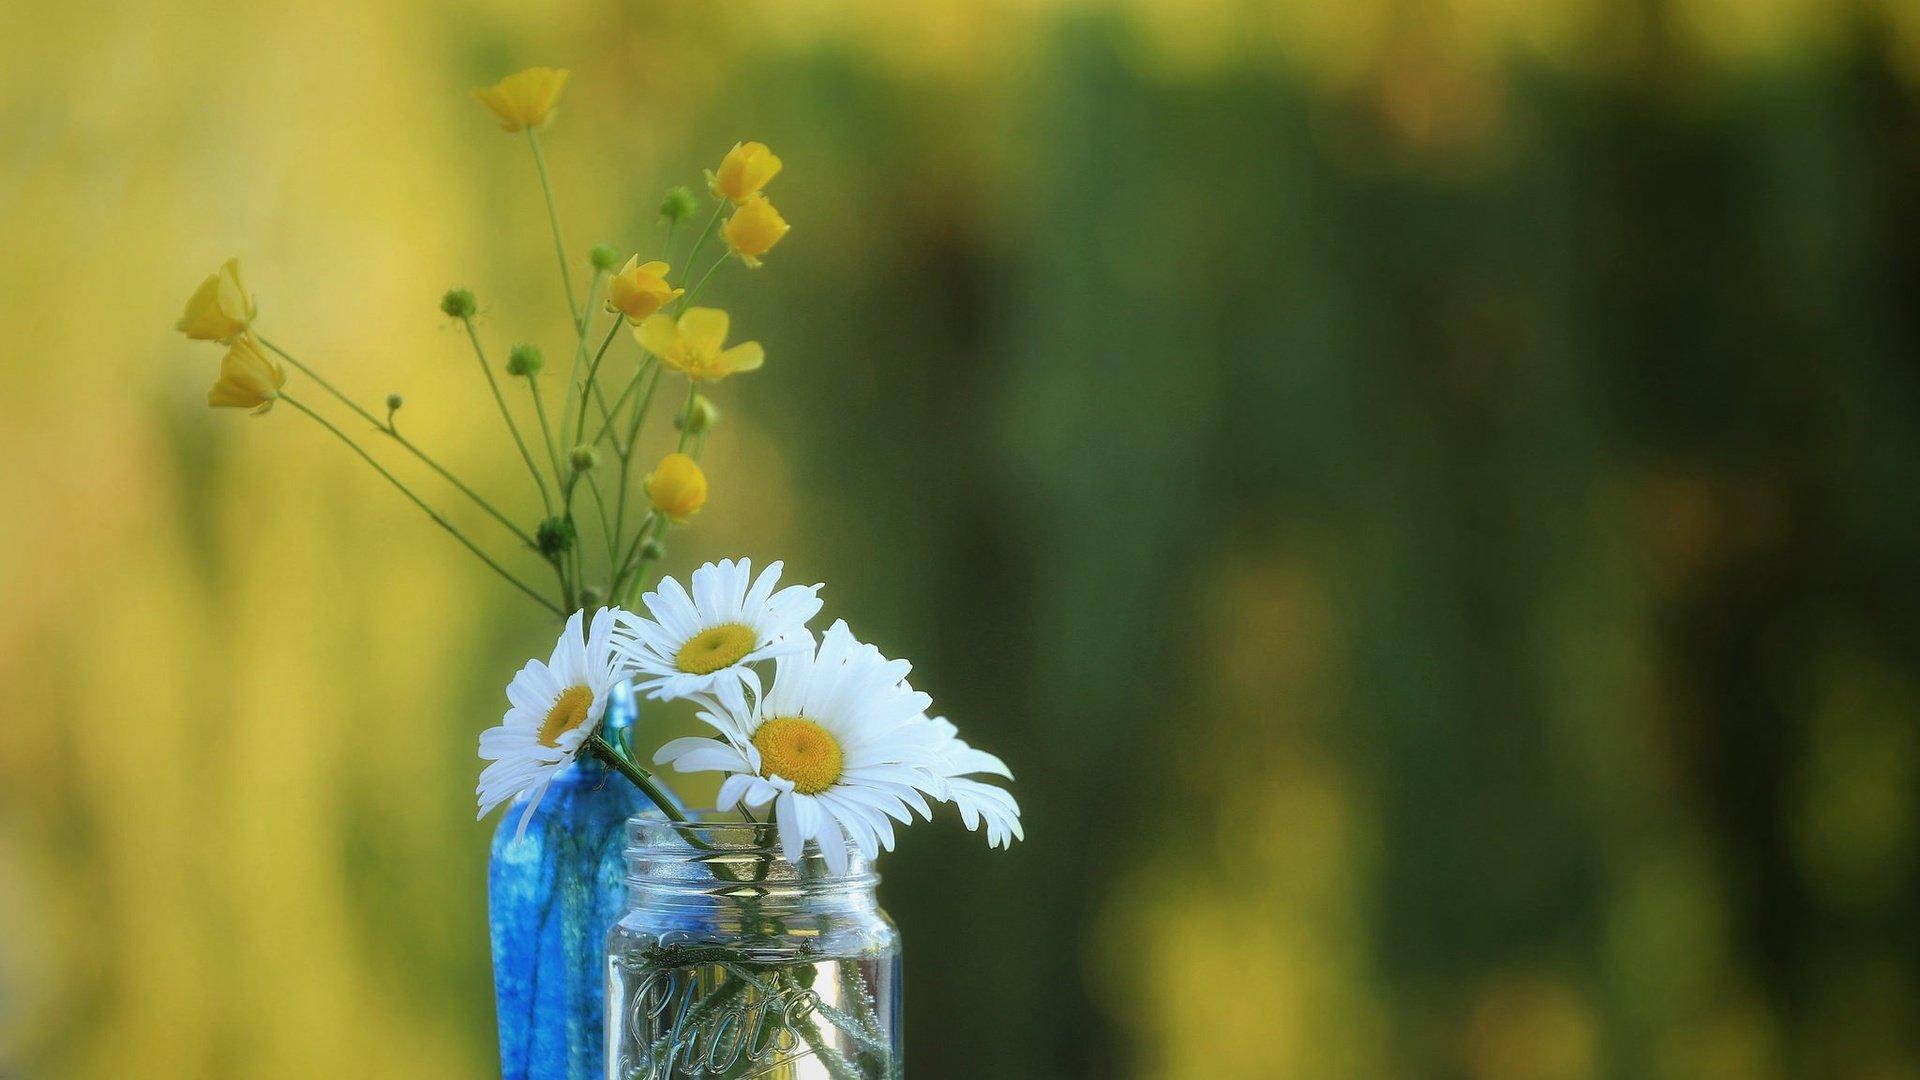 Цветочек в банке подборки